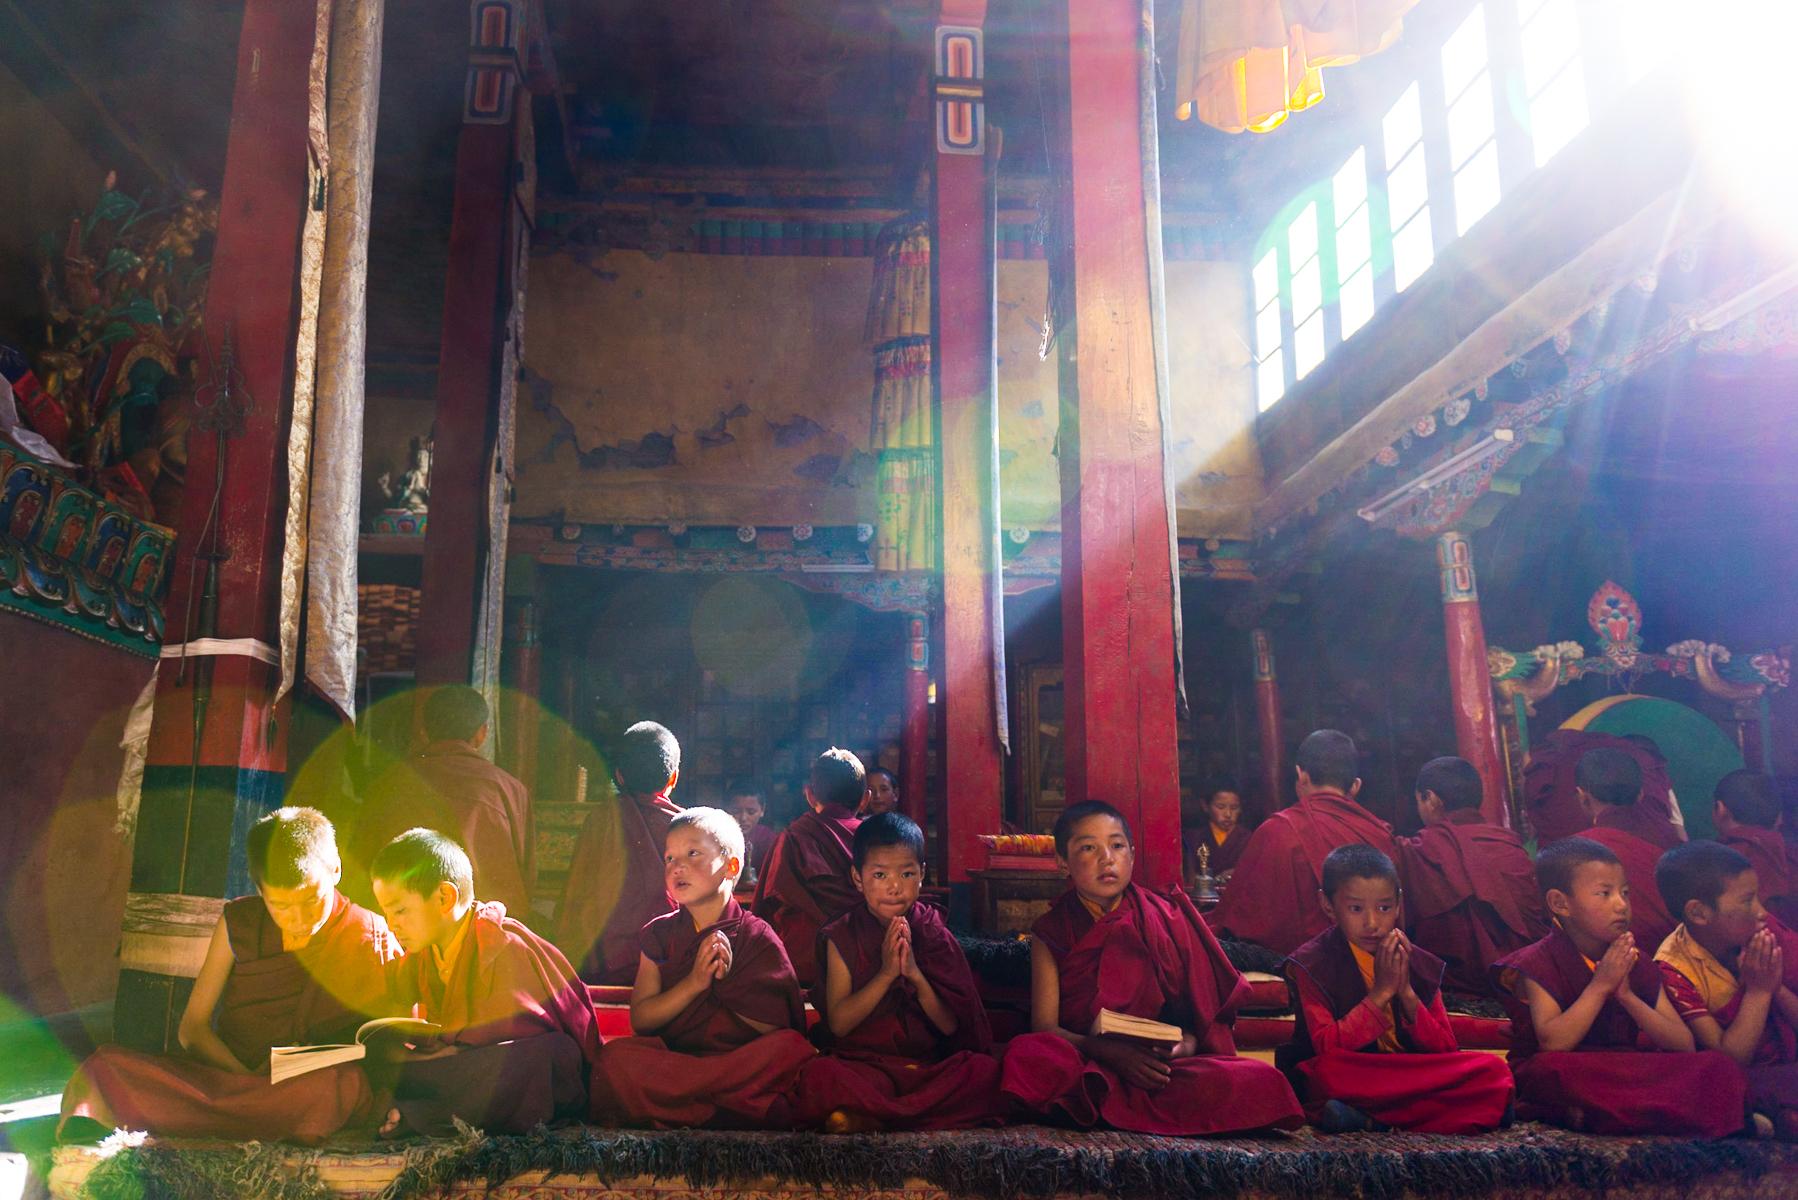 20160920-Ladakh-MD-Voygr-16-2010